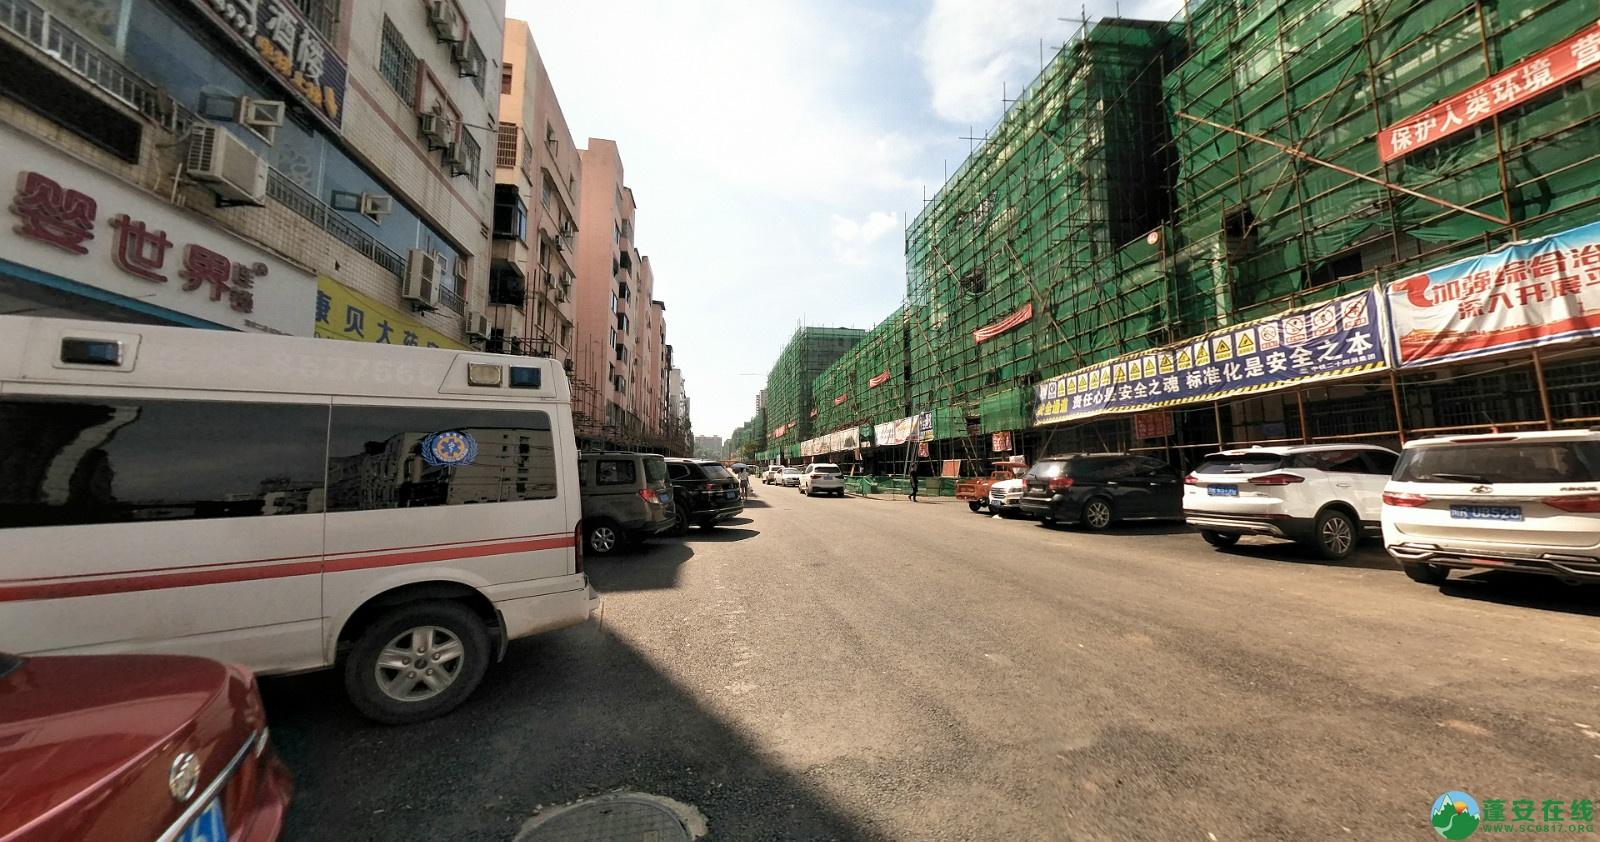 蓬安建设路改造进展(2020-08-05) - 第6张  | 蓬安在线